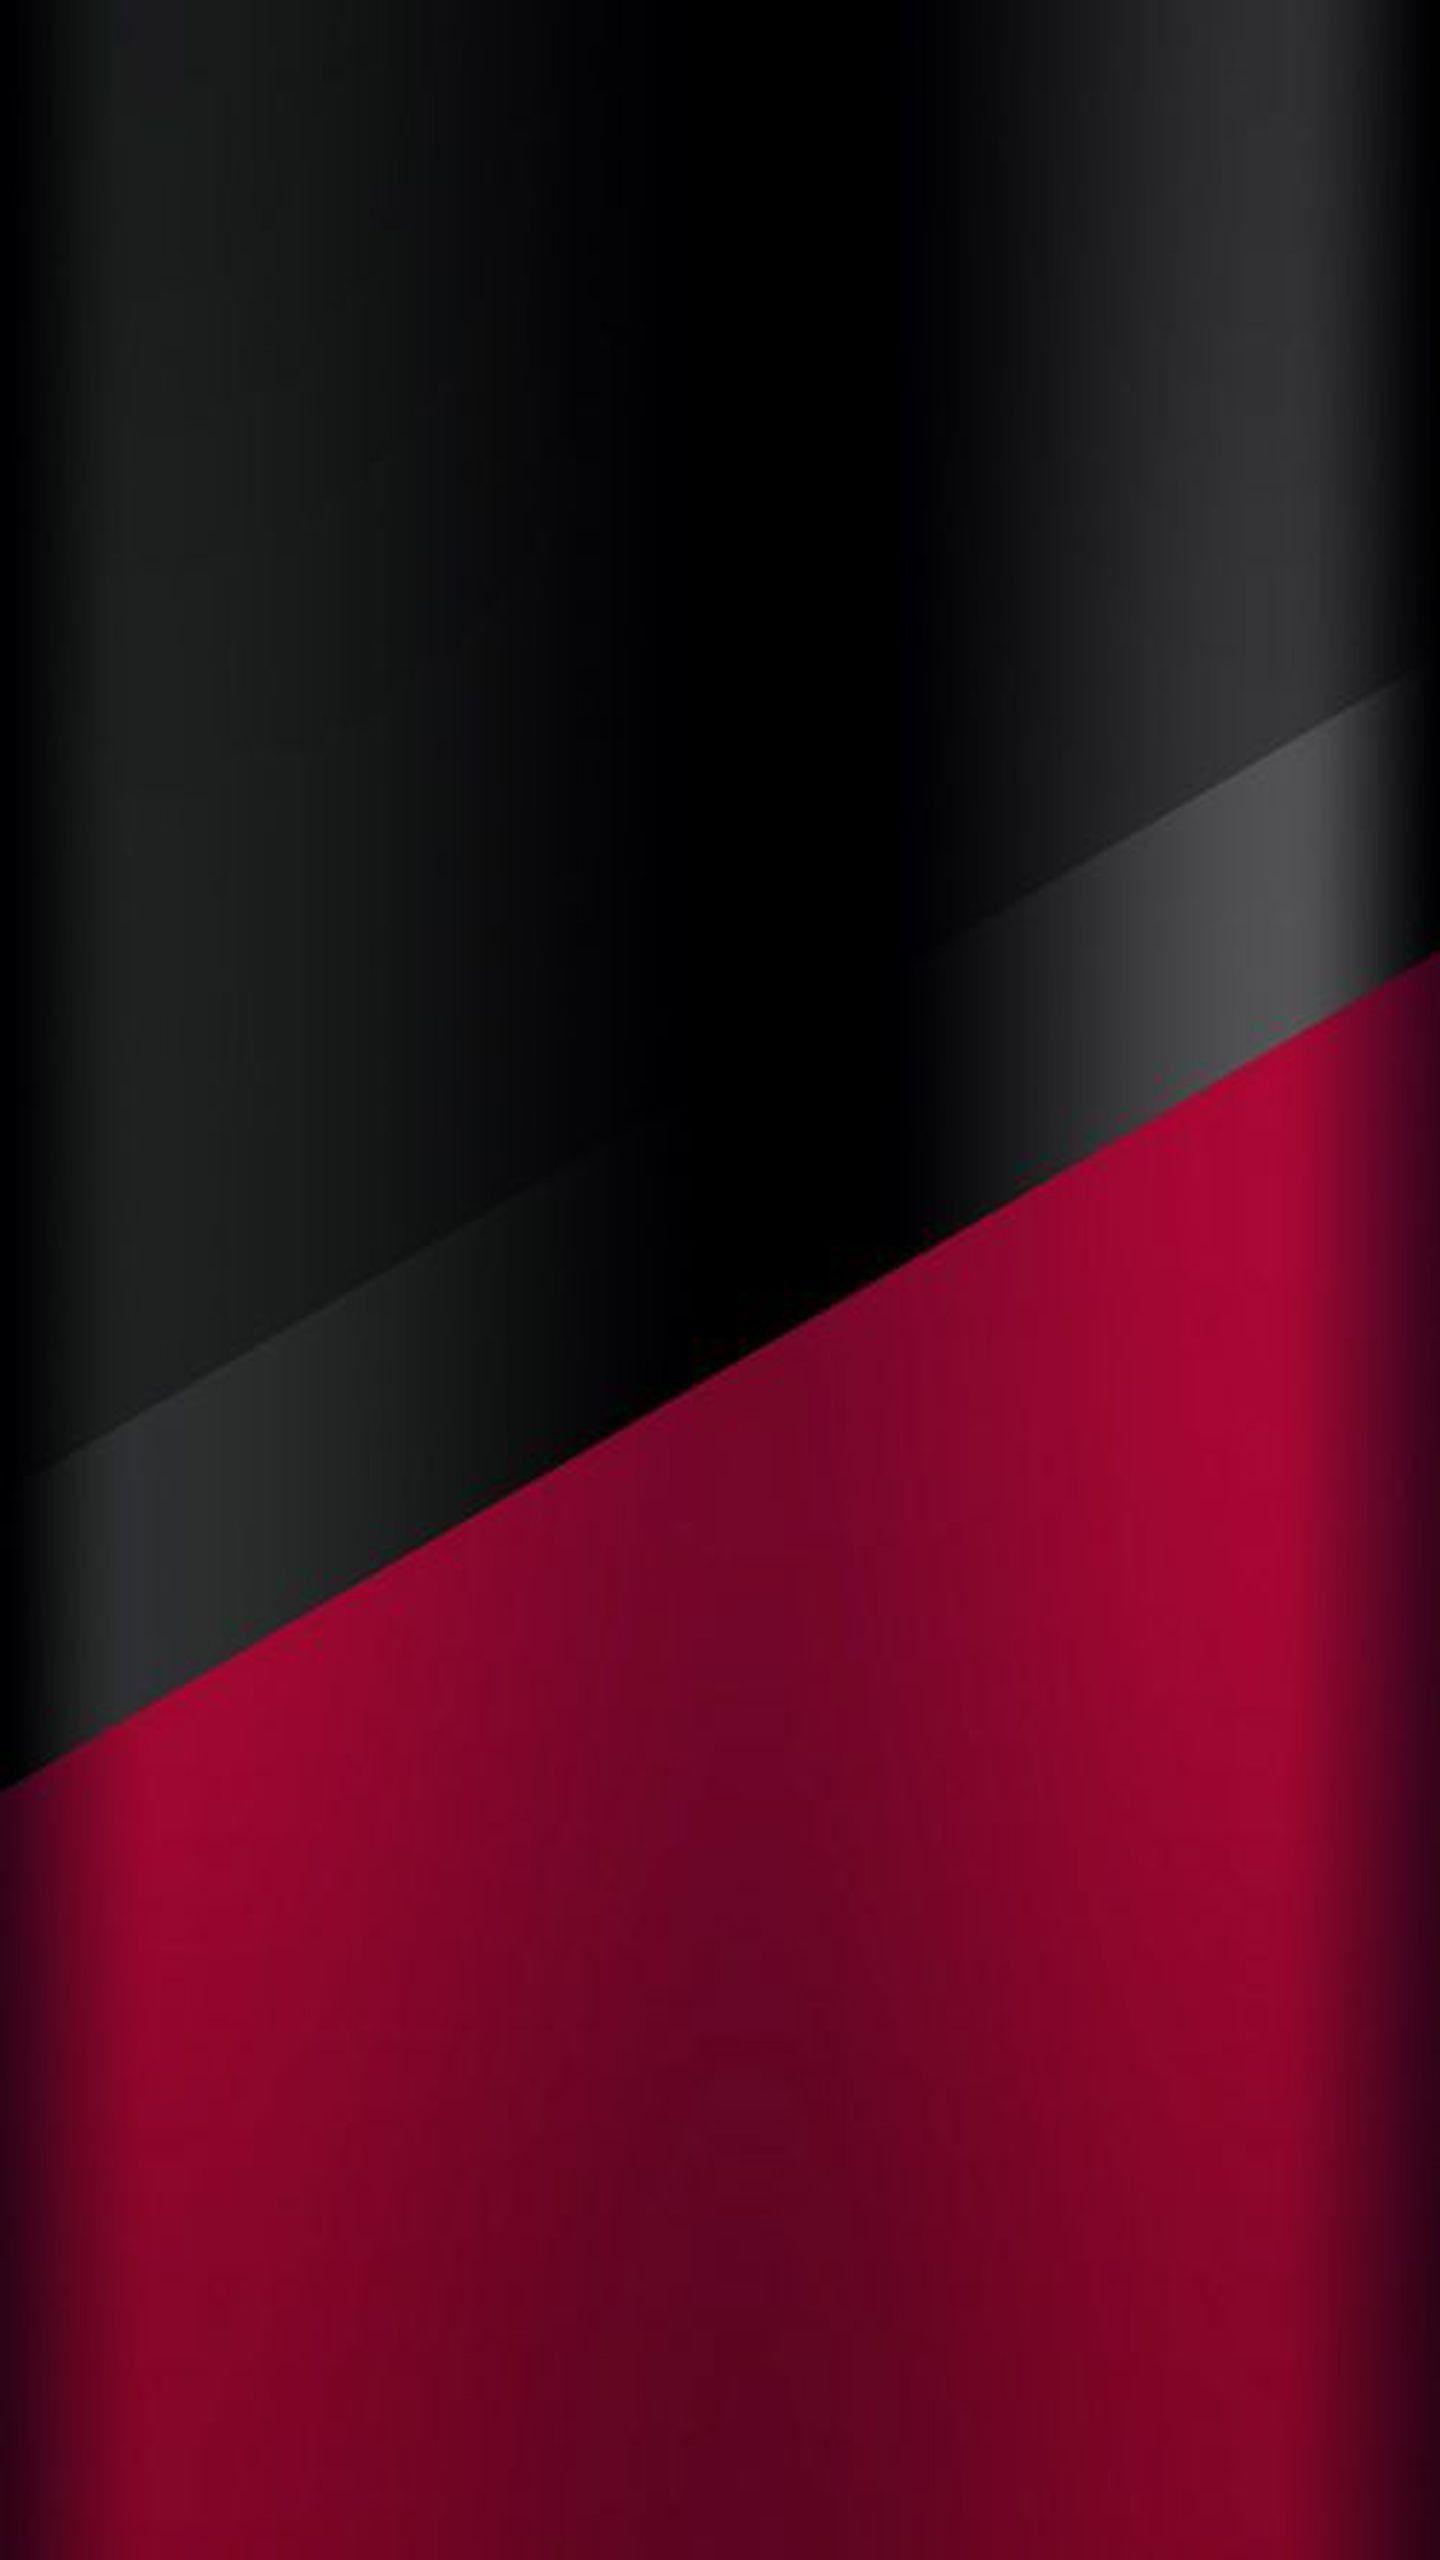 Unique Red And Black Diamond Wallpaper Samsung Wallpaper Samsung Galaxy Wallpaper Black Wallpaper